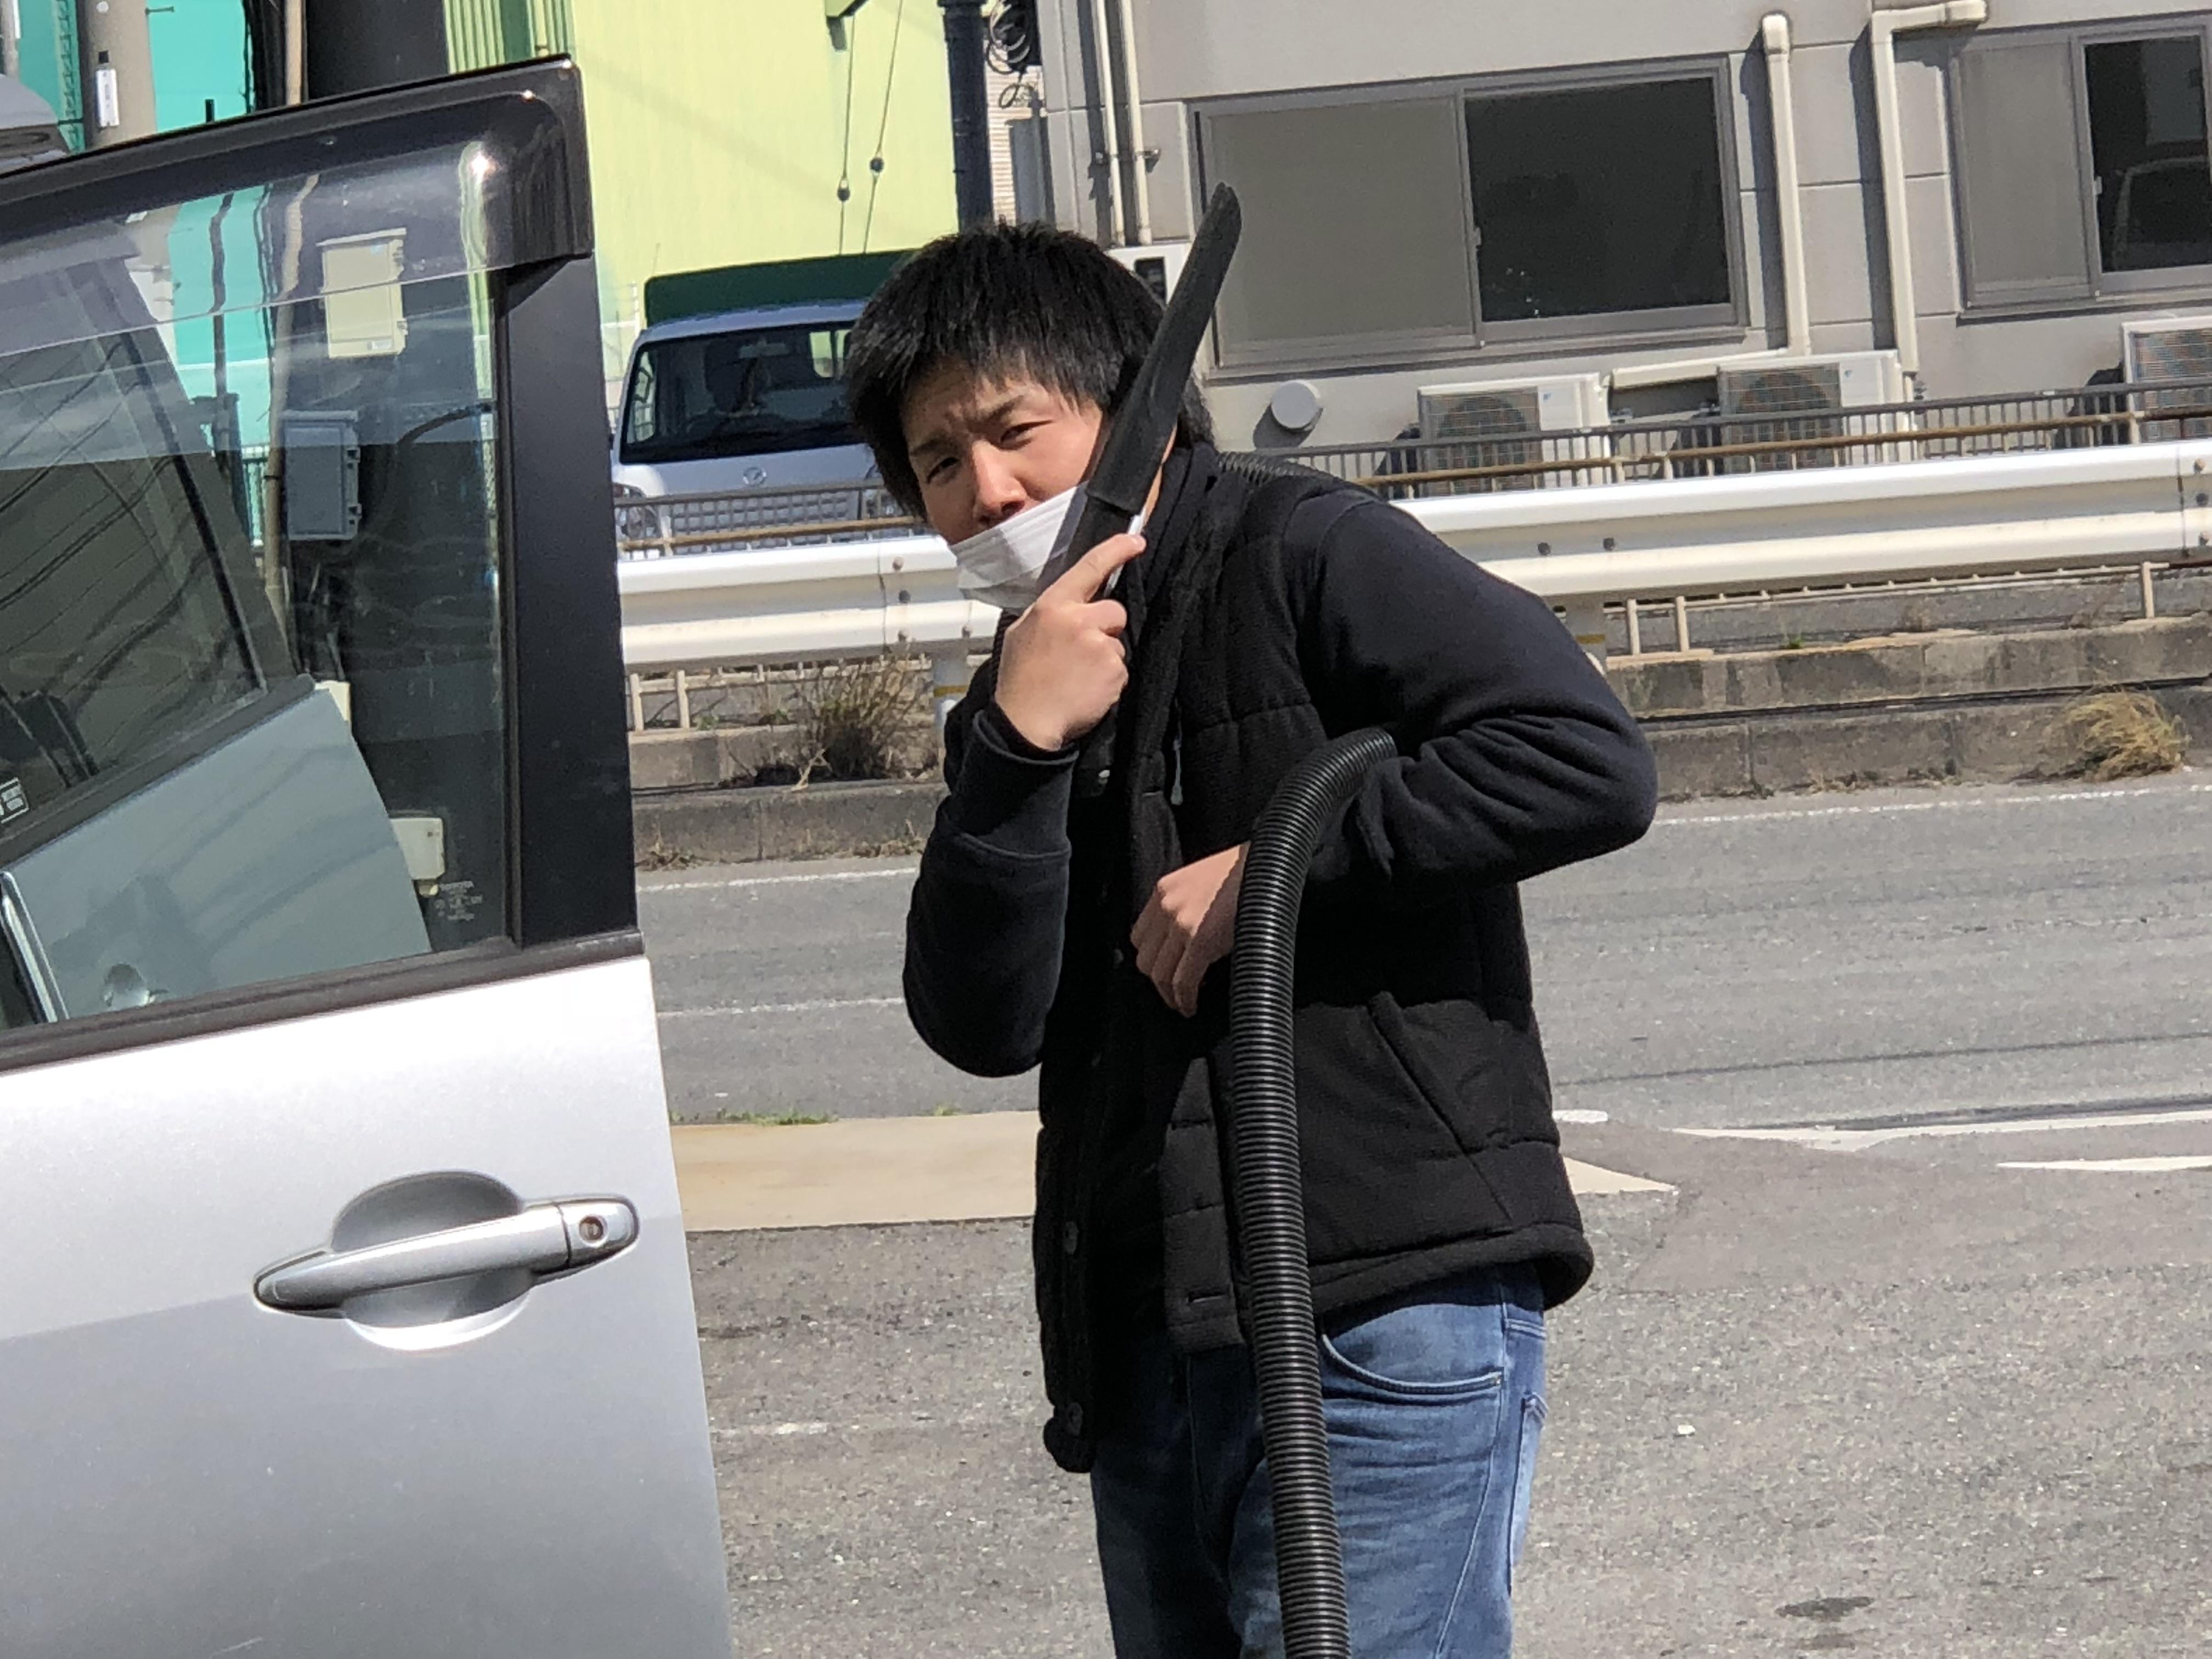 ★ガレージサクセス摂津本店 120マークX カスタム マフラー ヘッドライト カスタムカー専門店★